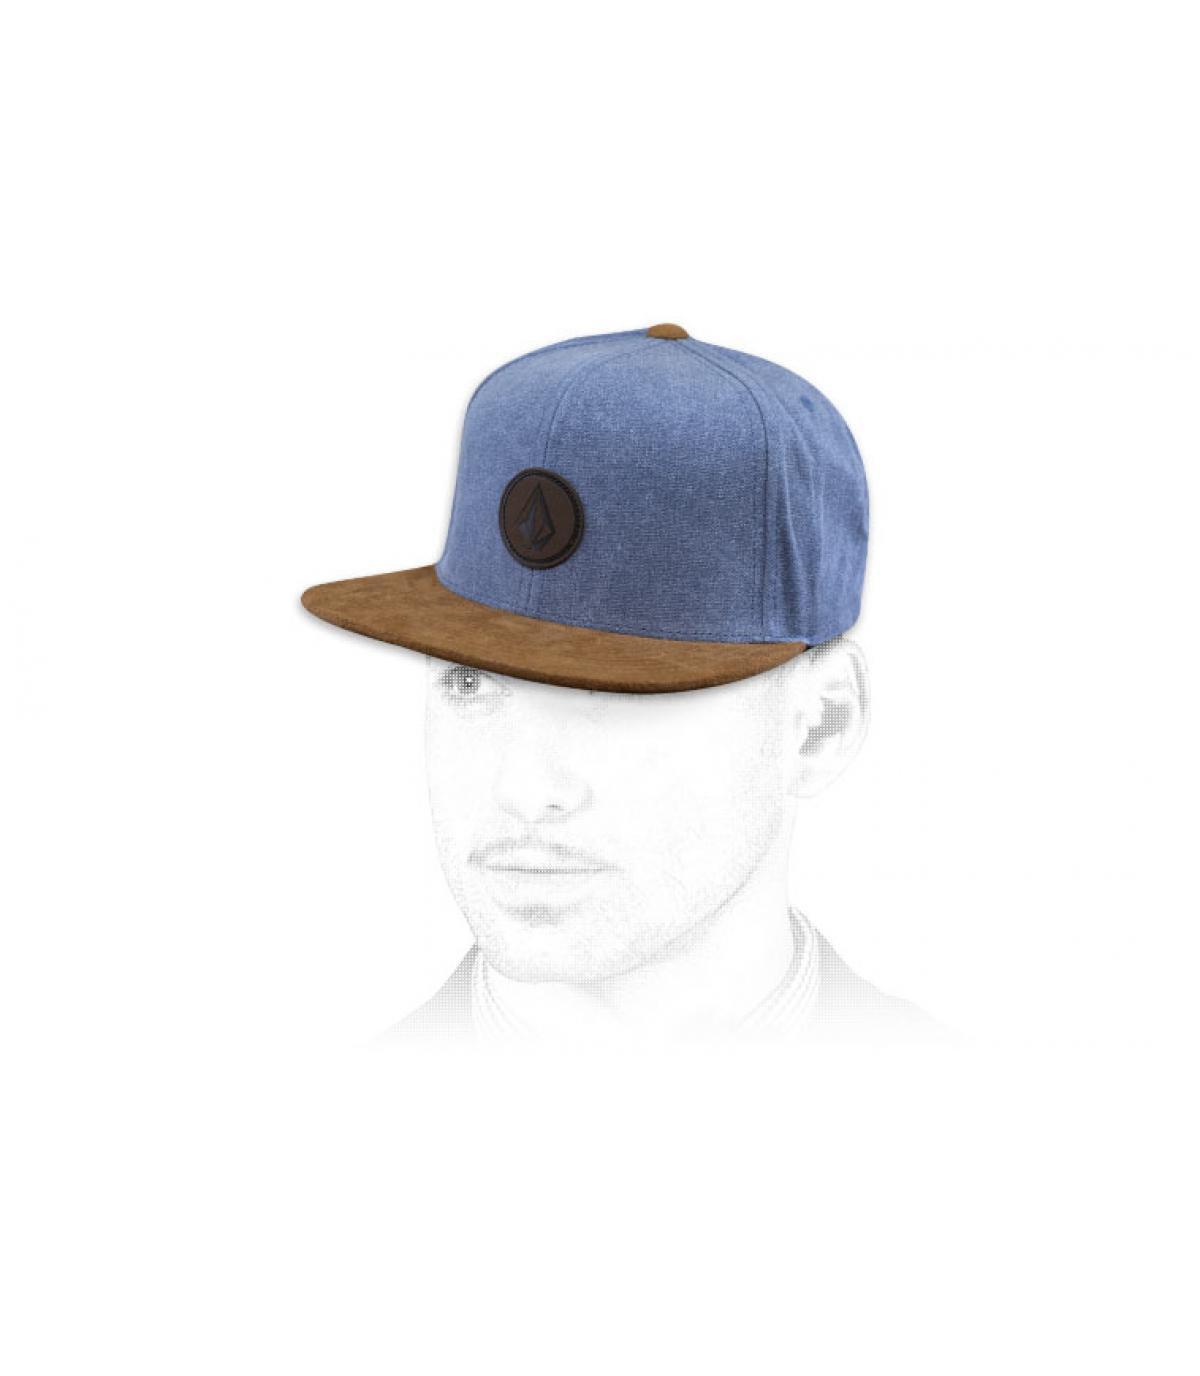 Volcom snapback blue suede